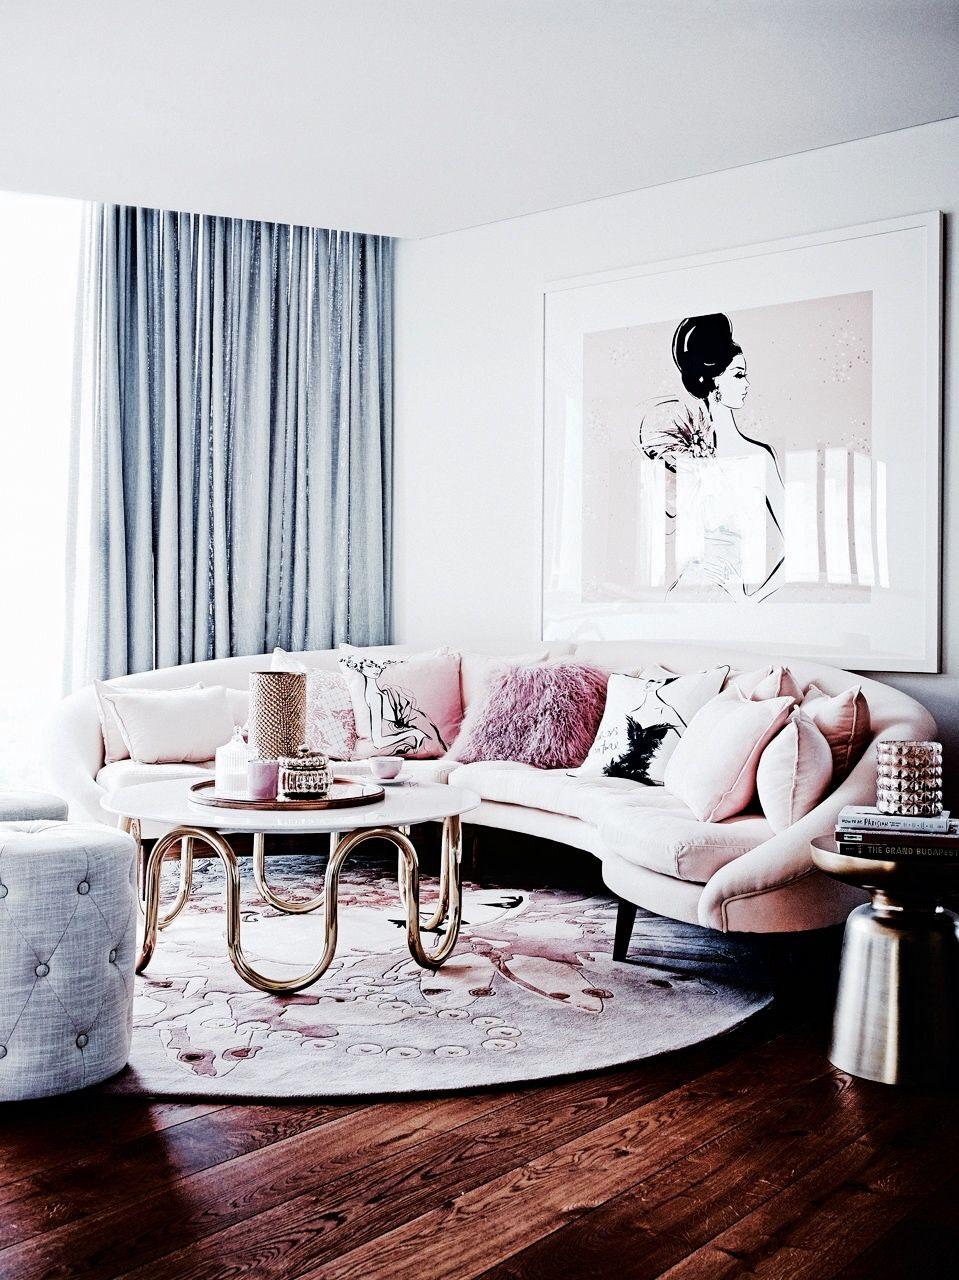 pinterest | nastassjaaaa | home | Pinterest | Living rooms ...